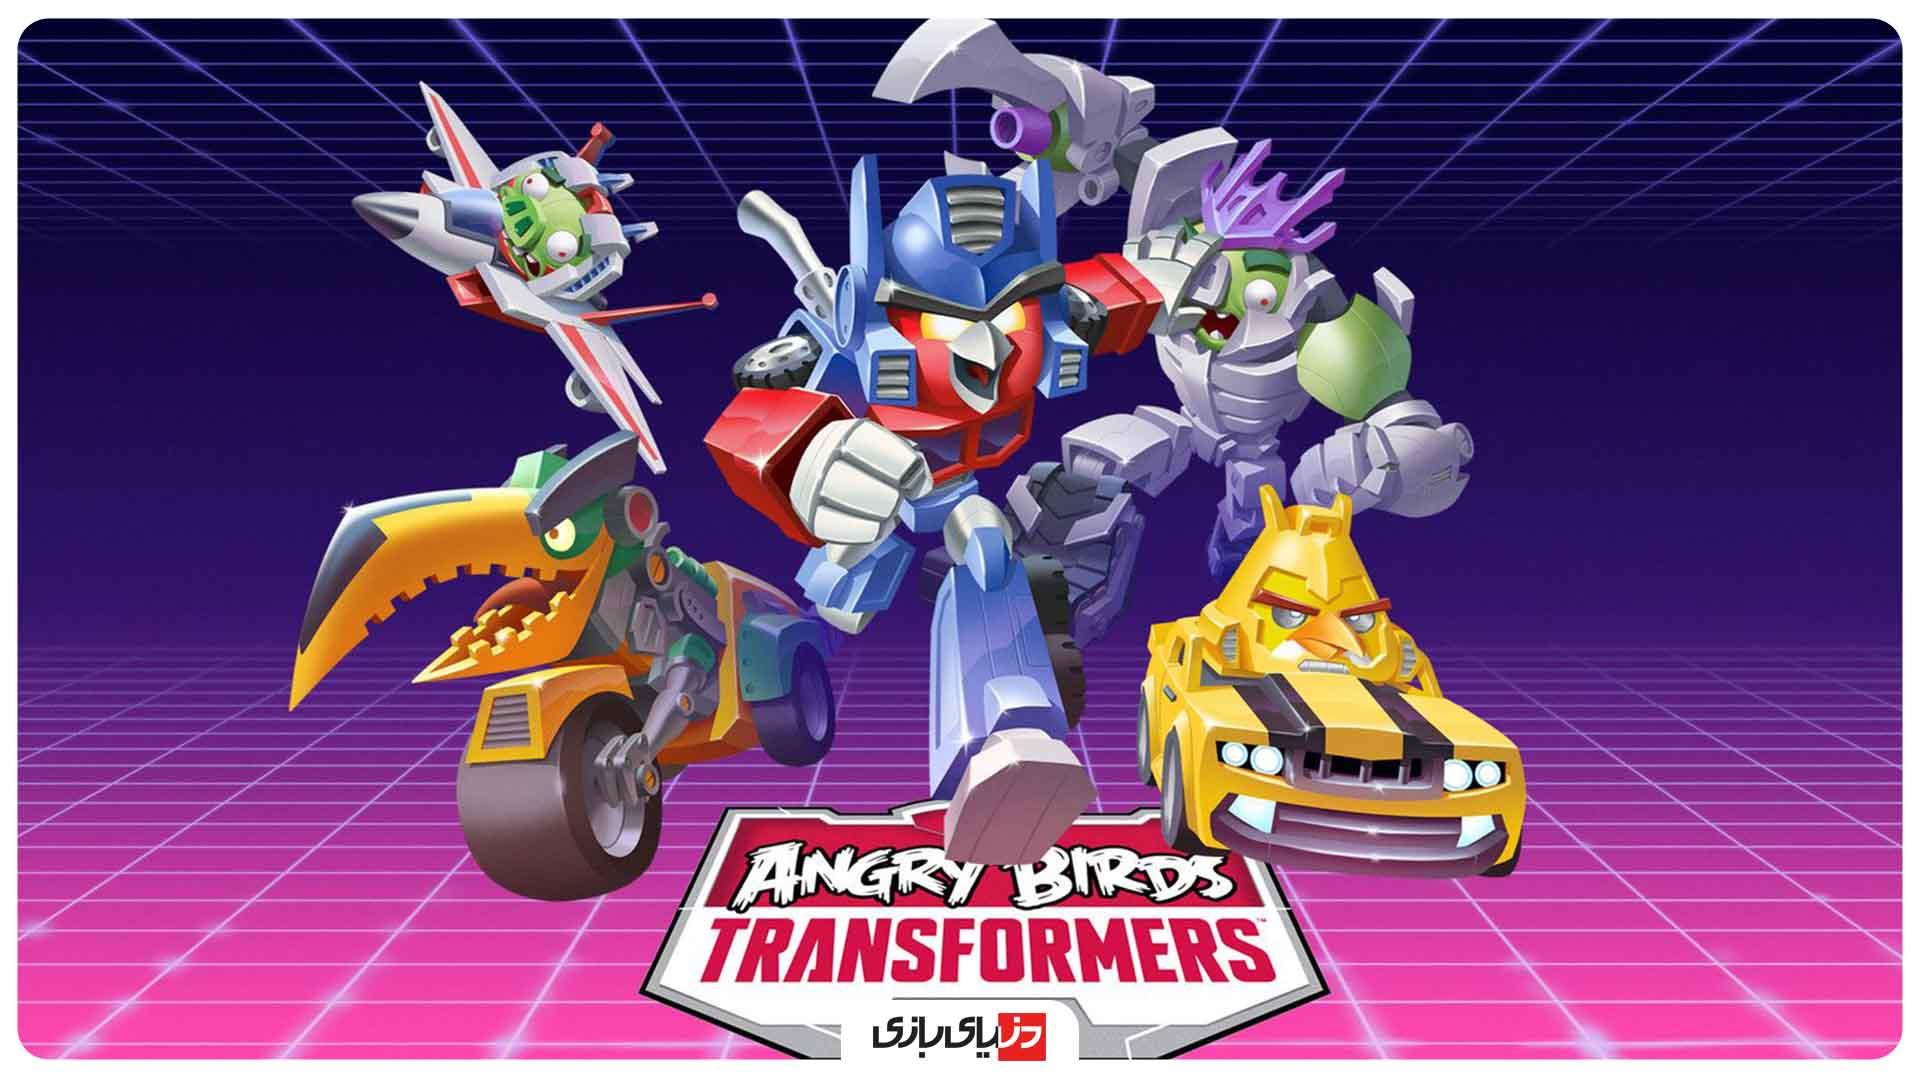 بازی Angry Birds - انگری بردز تبدیل شوندگان (اکتبر 2014)